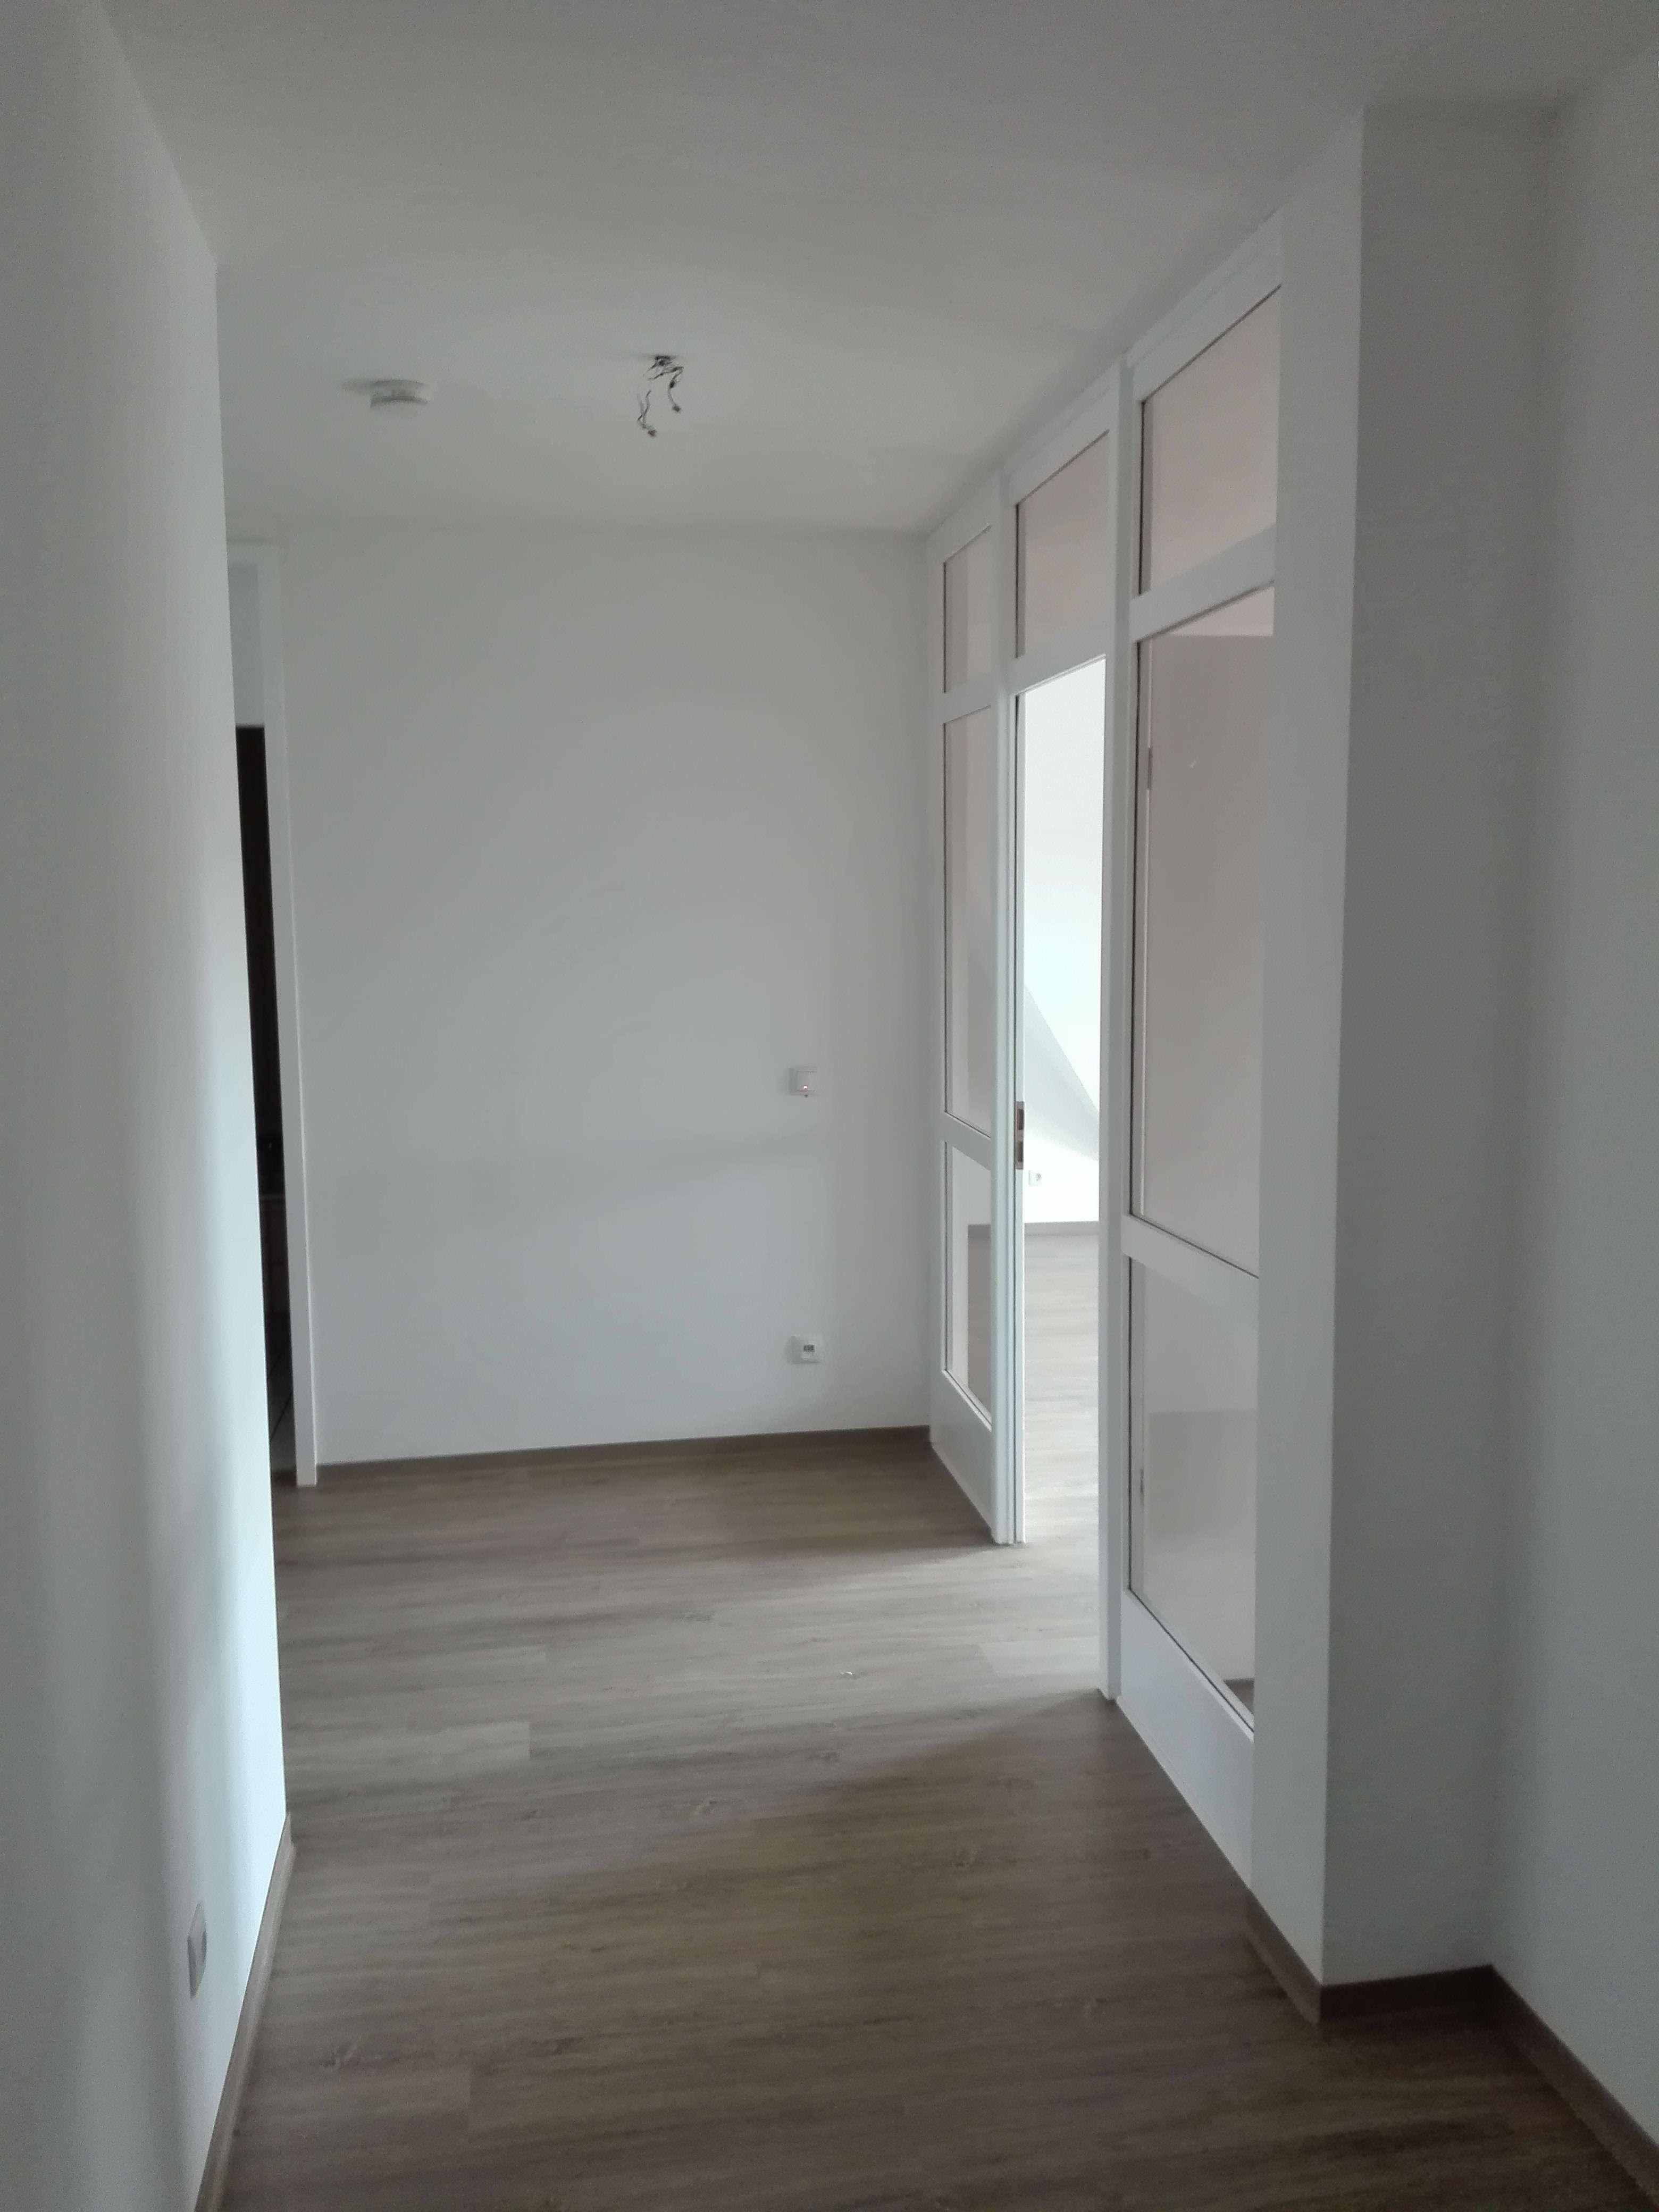 Frisch renovierte, großzügige 2 Zimmer-Wohnung in Hirschaid in